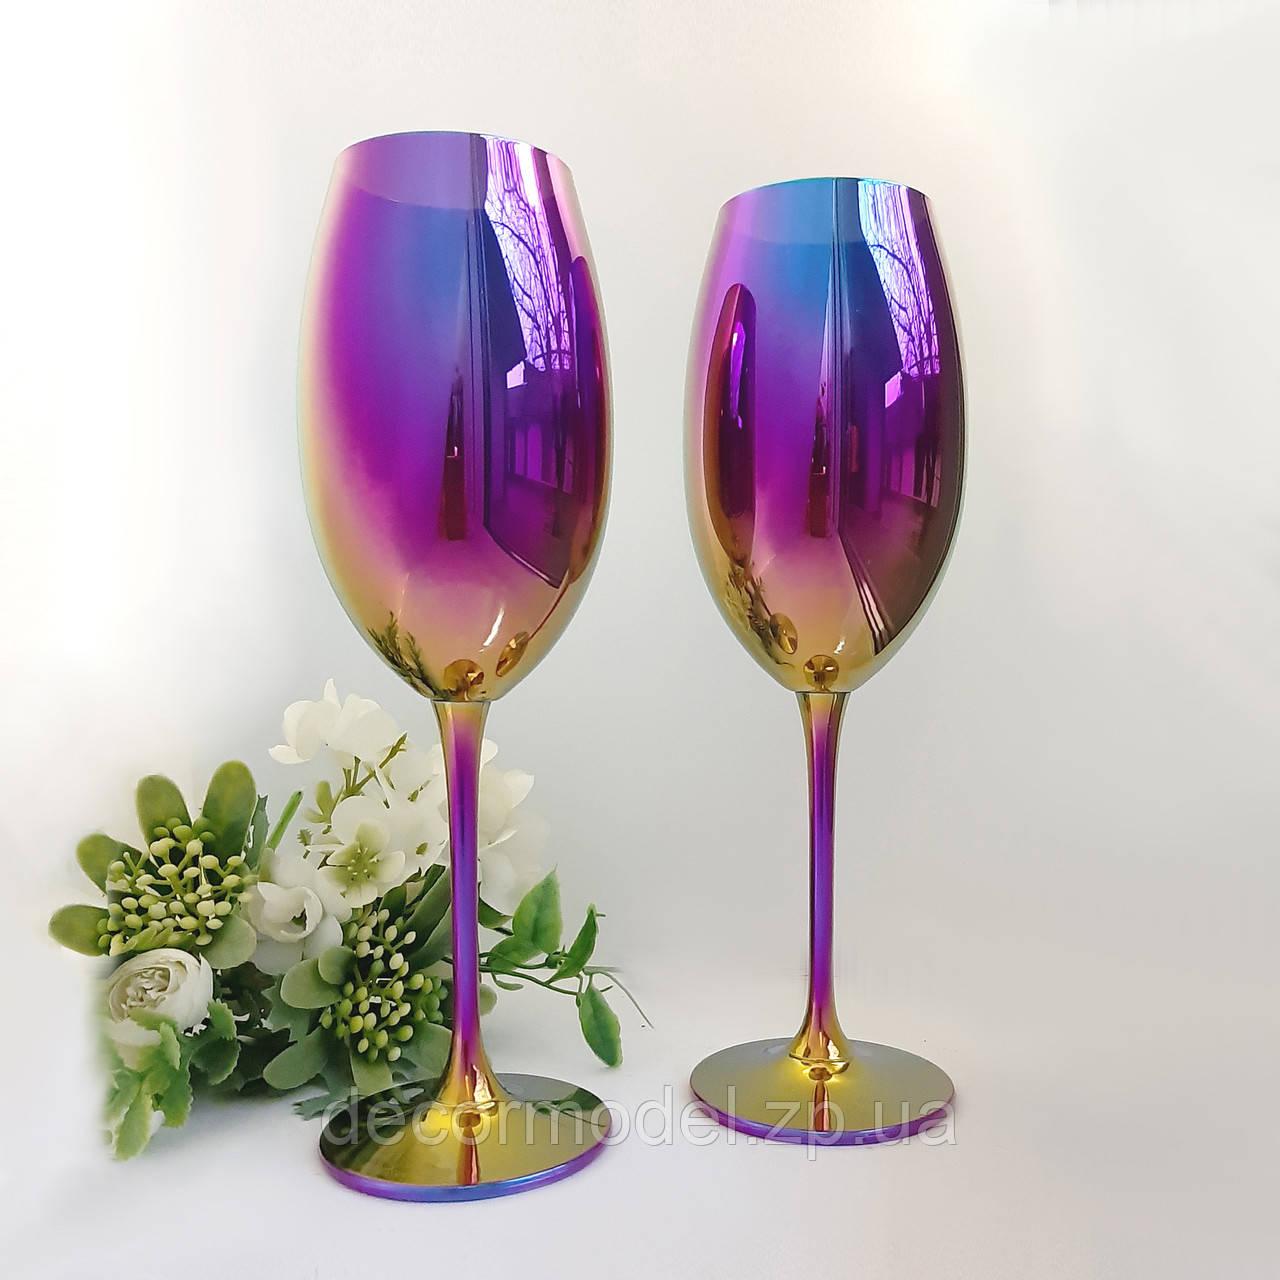 Набор бокалов для вина Bohemia Fulica 400 мл. радуга сияние